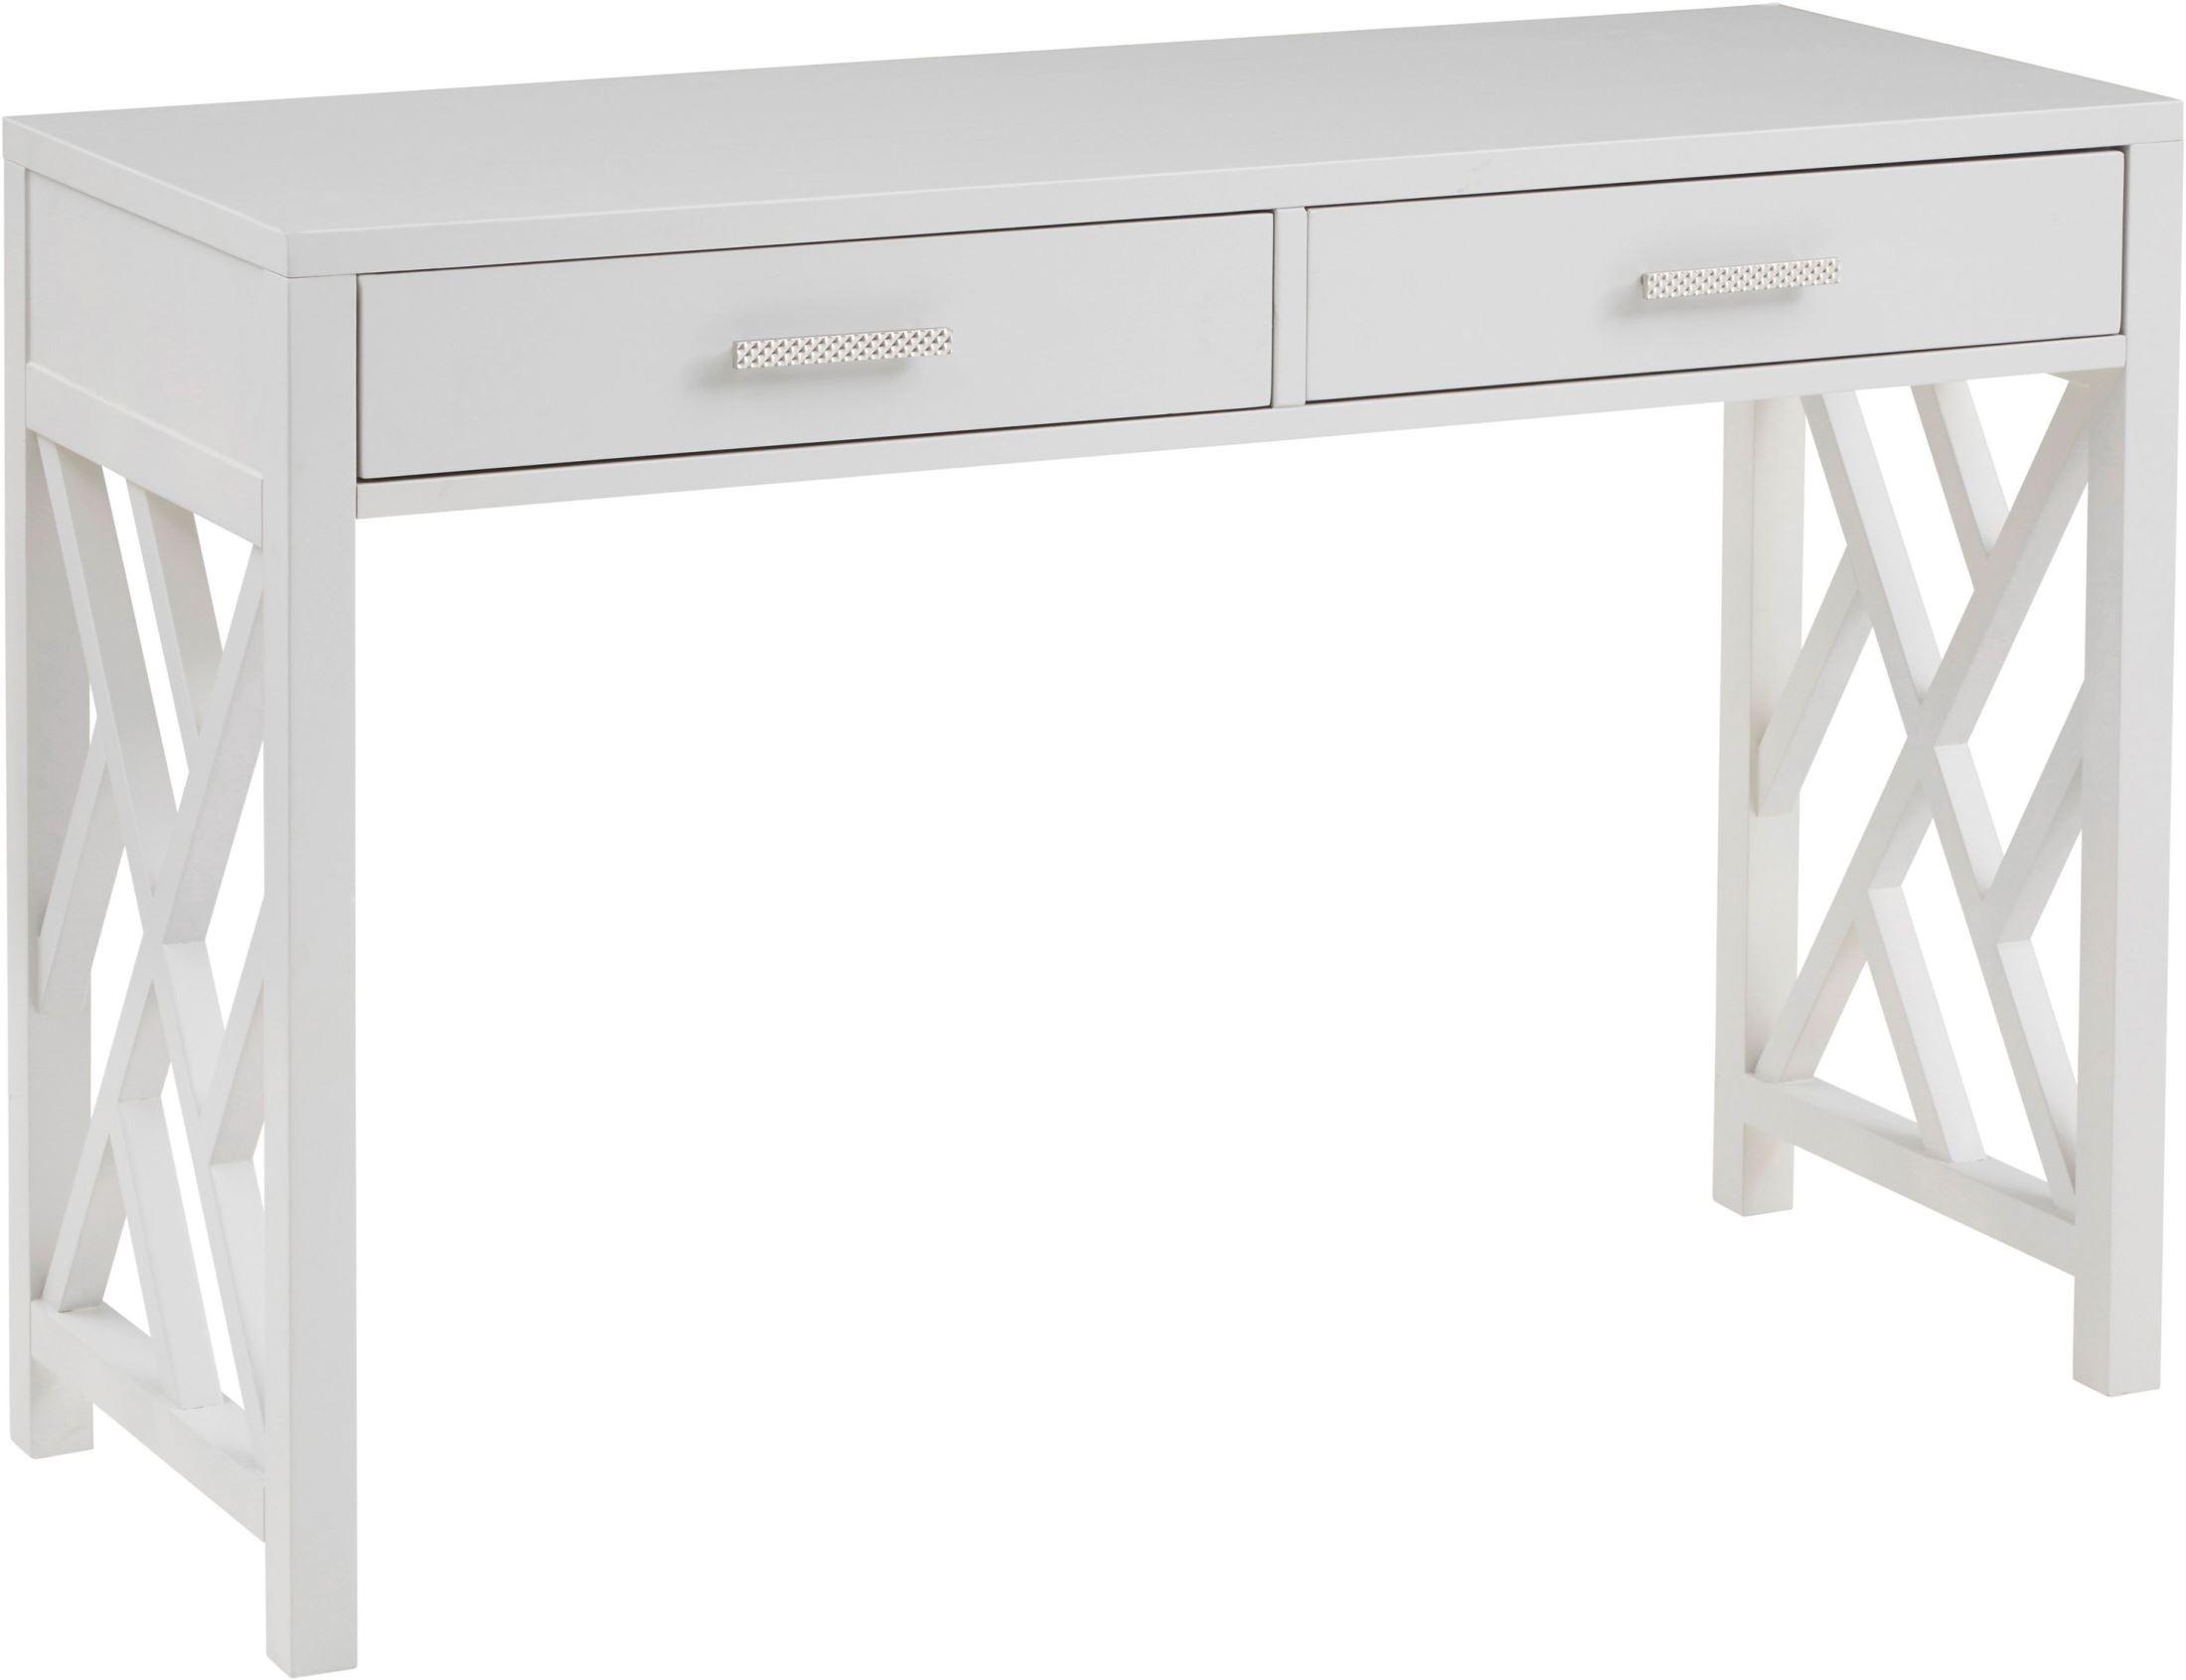 Glam Lattice White 2 Drawer Wooden Desk From Pulaski